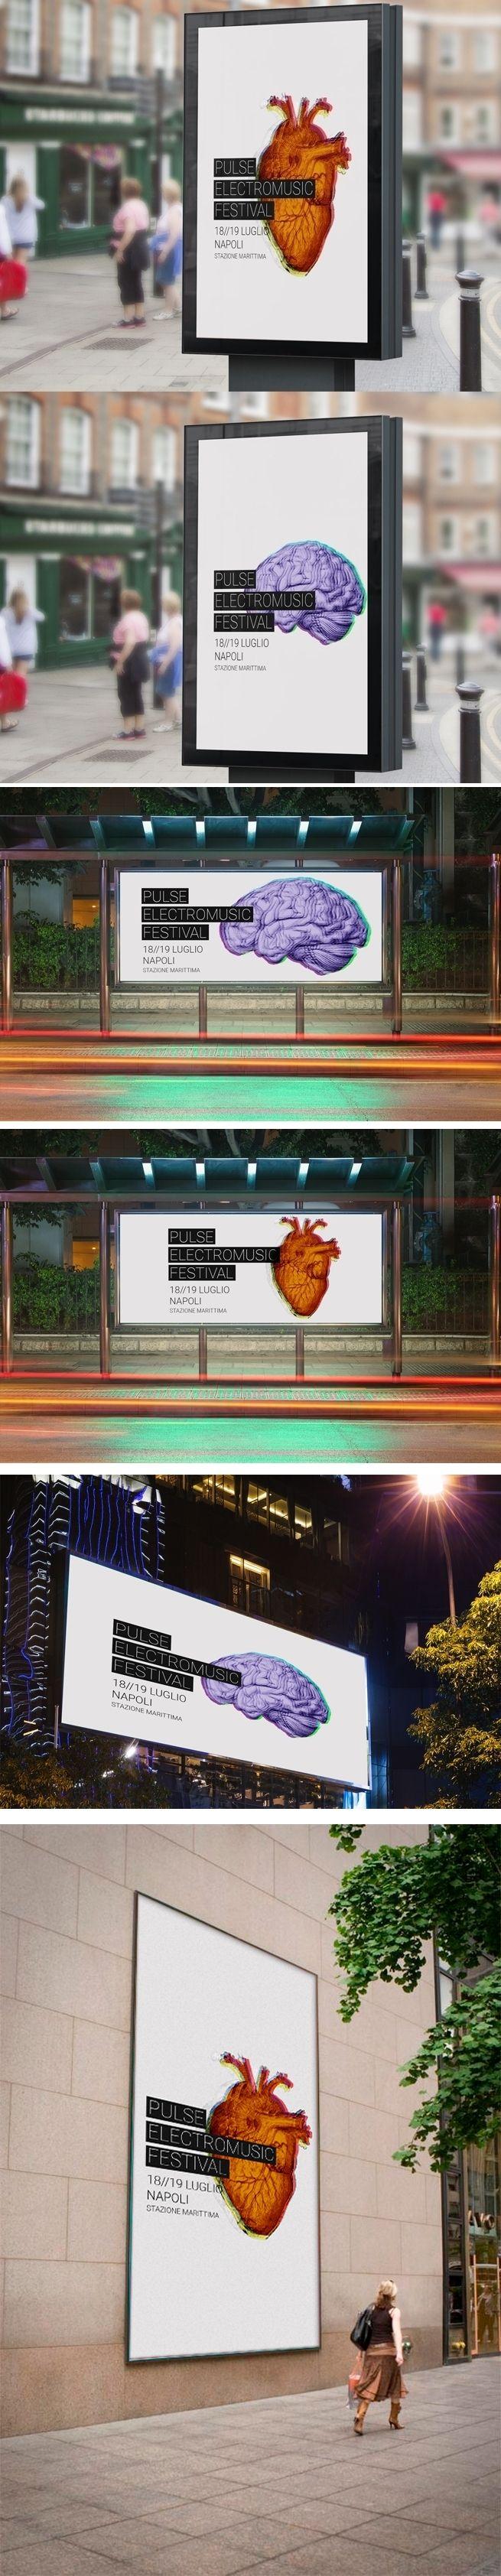 Portfolio Corsi Ilas - Emiddio Andrea Polcaro, Docente progettazione: Alessandro Cocchia, Docente software: Rosario Mancini, Categoria: Graphic Design - © ilas 2015